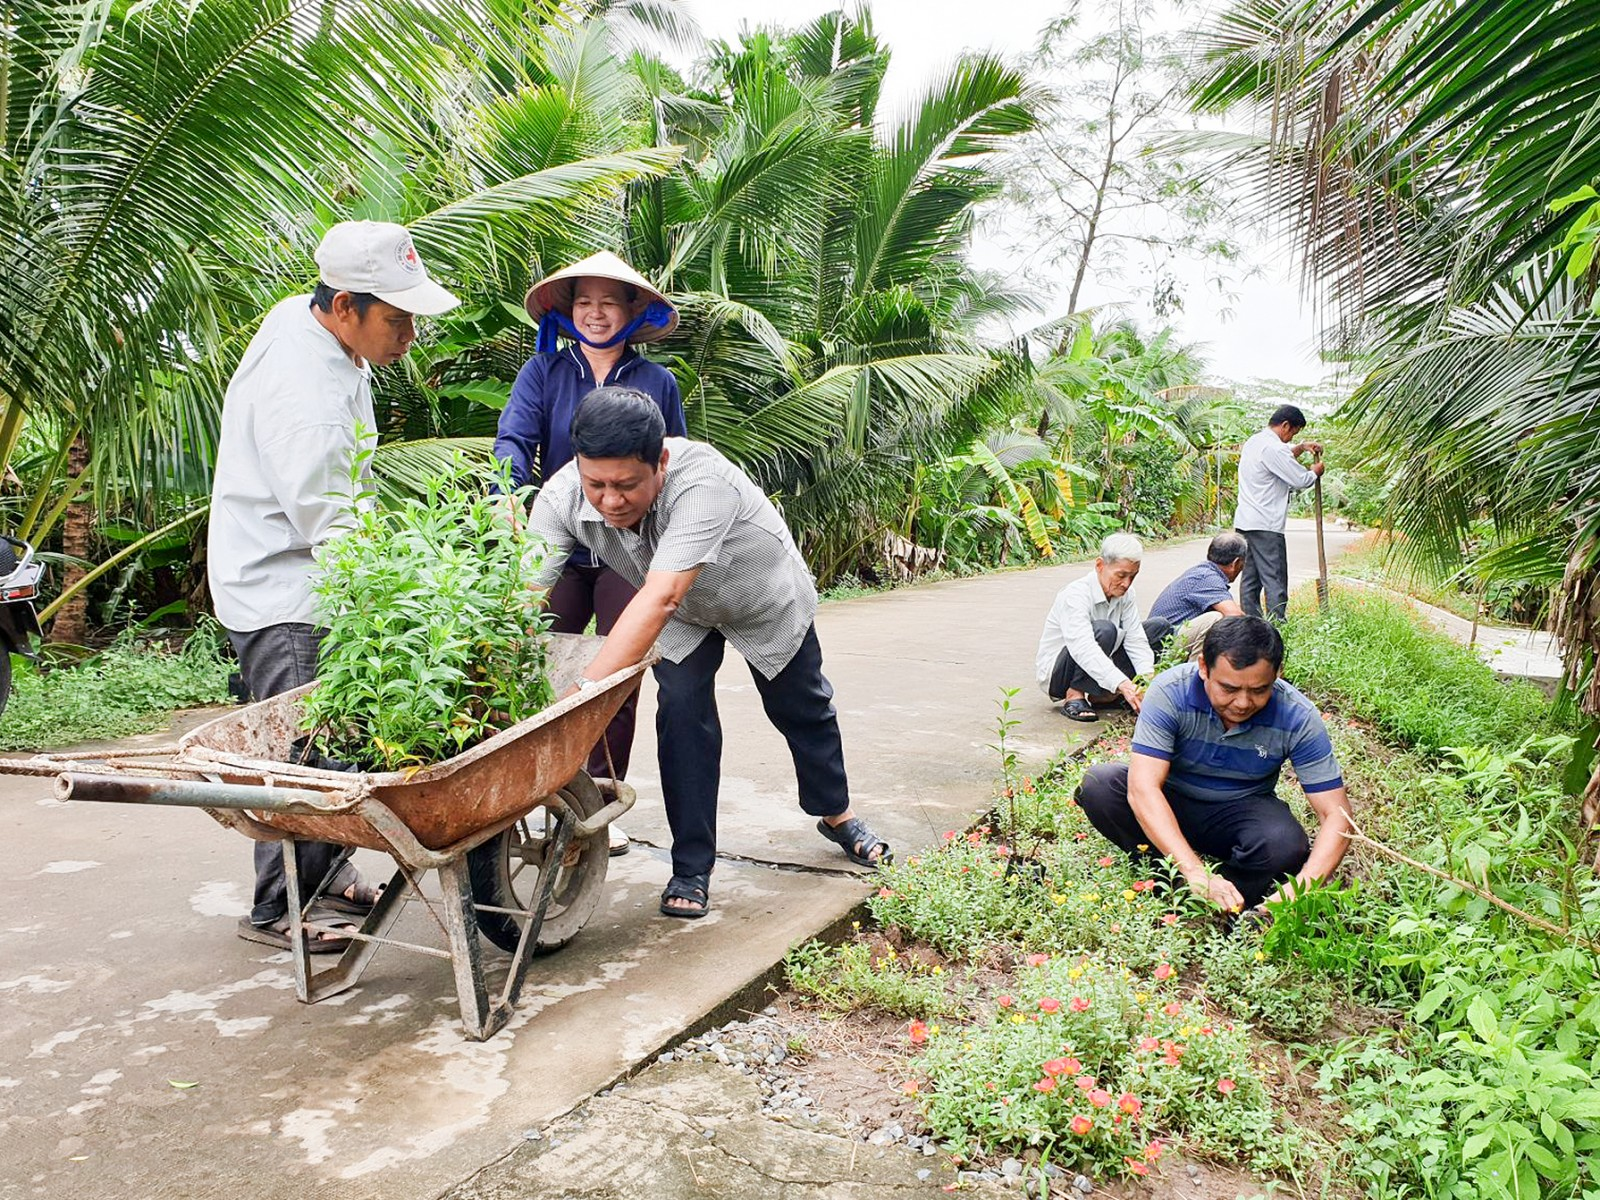 Chính quyền và nhân dân xã Nhơn Ái ra quân trồng hoa, vệ sinh môi trường trên các tuyến đường.